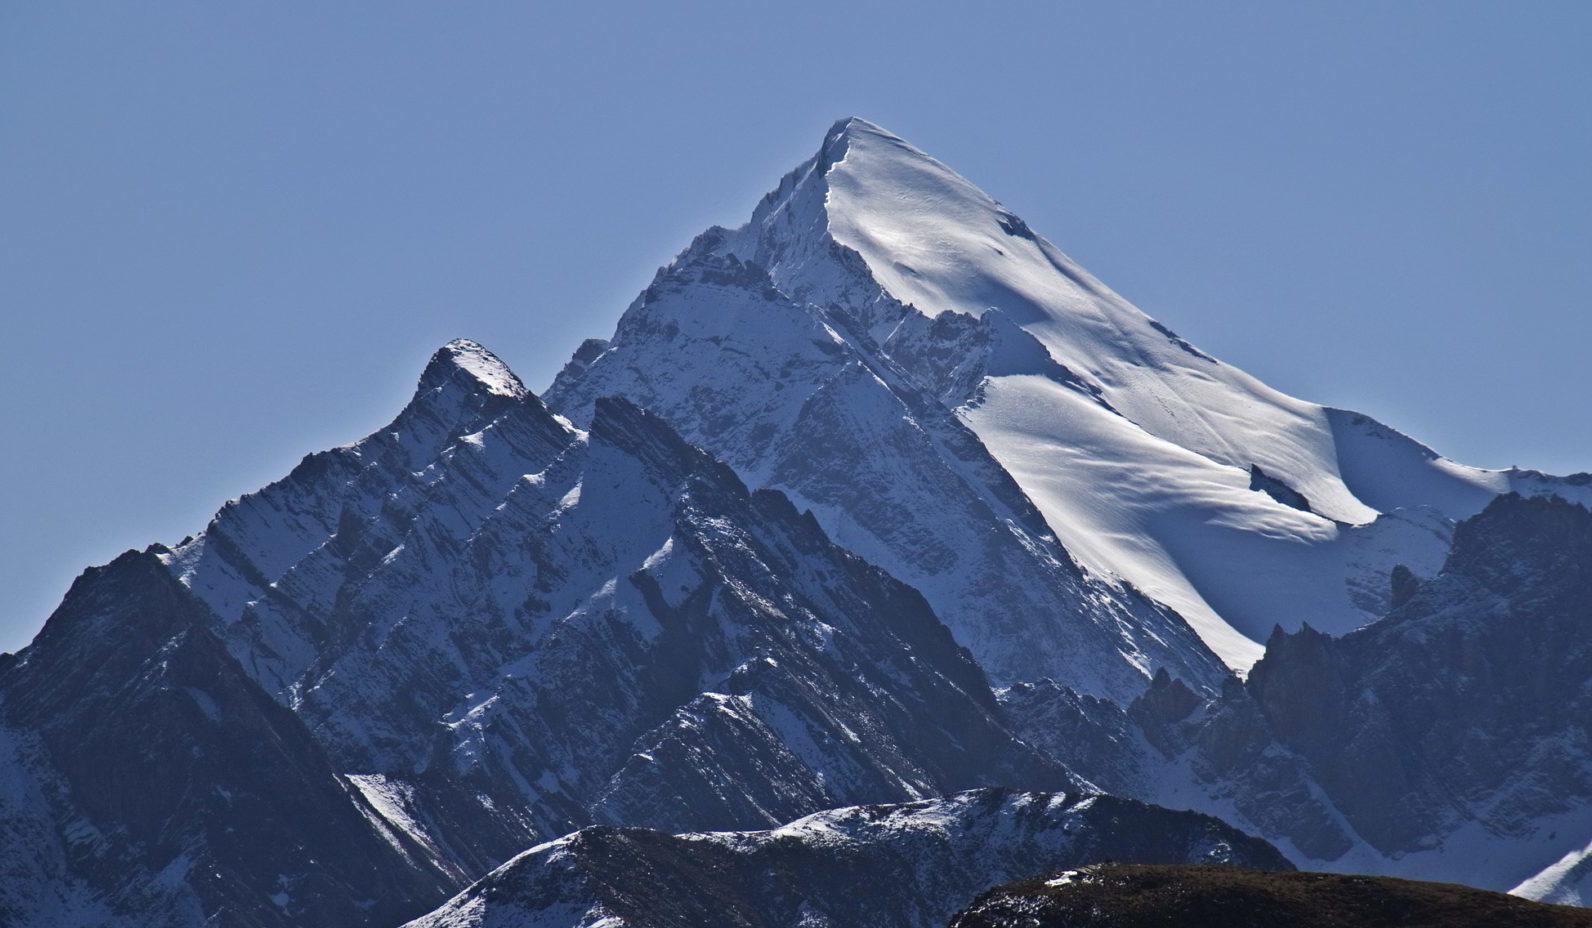 雪宝顶, 岷山主峰 (5,588m)